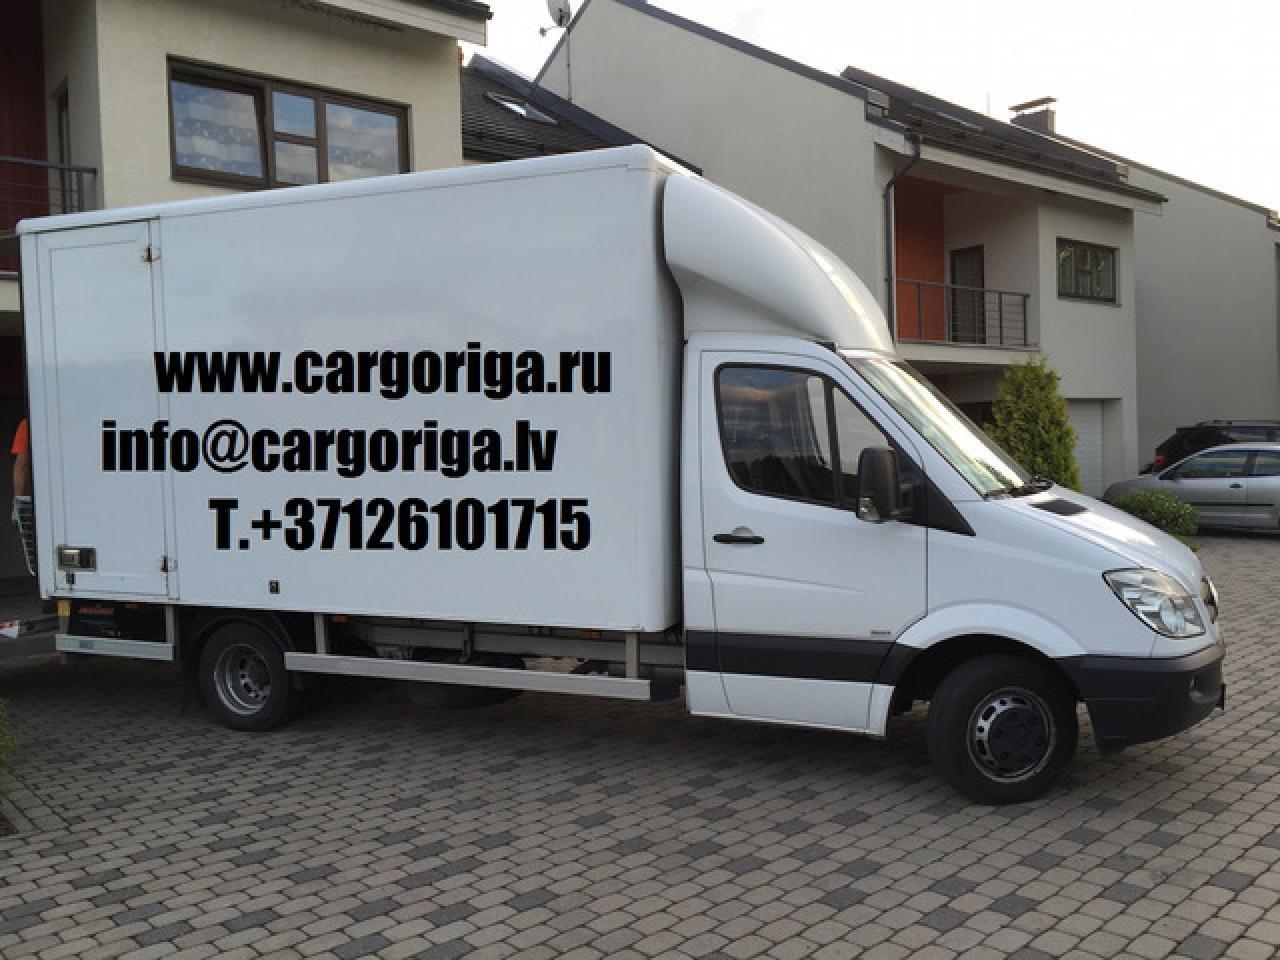 Перевозка личных вещей мебели из Англии в Россию и из России Европы в Англию Лондон - 1